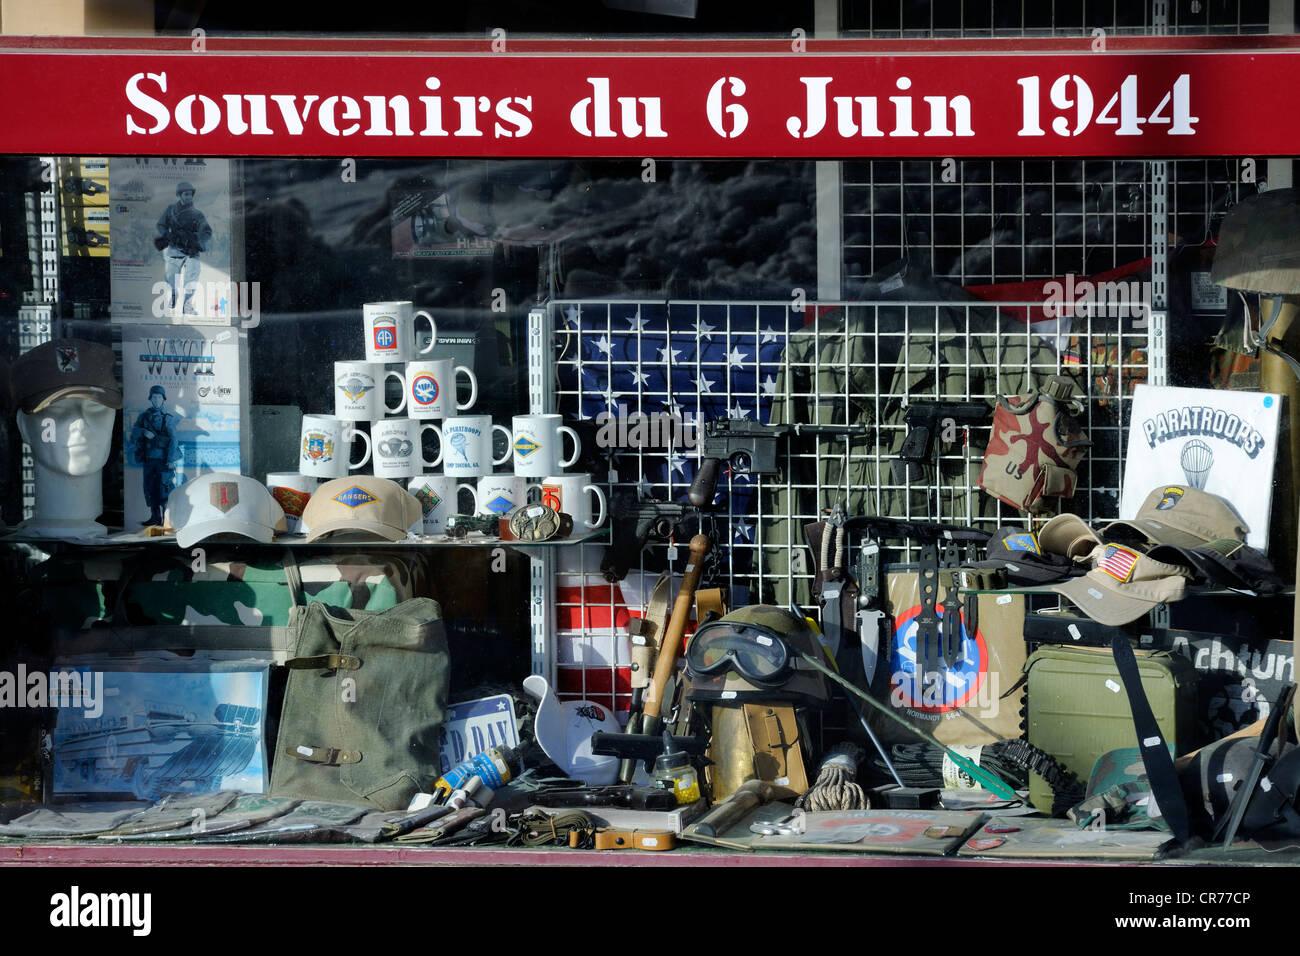 France, Manche, Sainte Mere Eglise, souvenir shop for the landing of D day Stock Photo